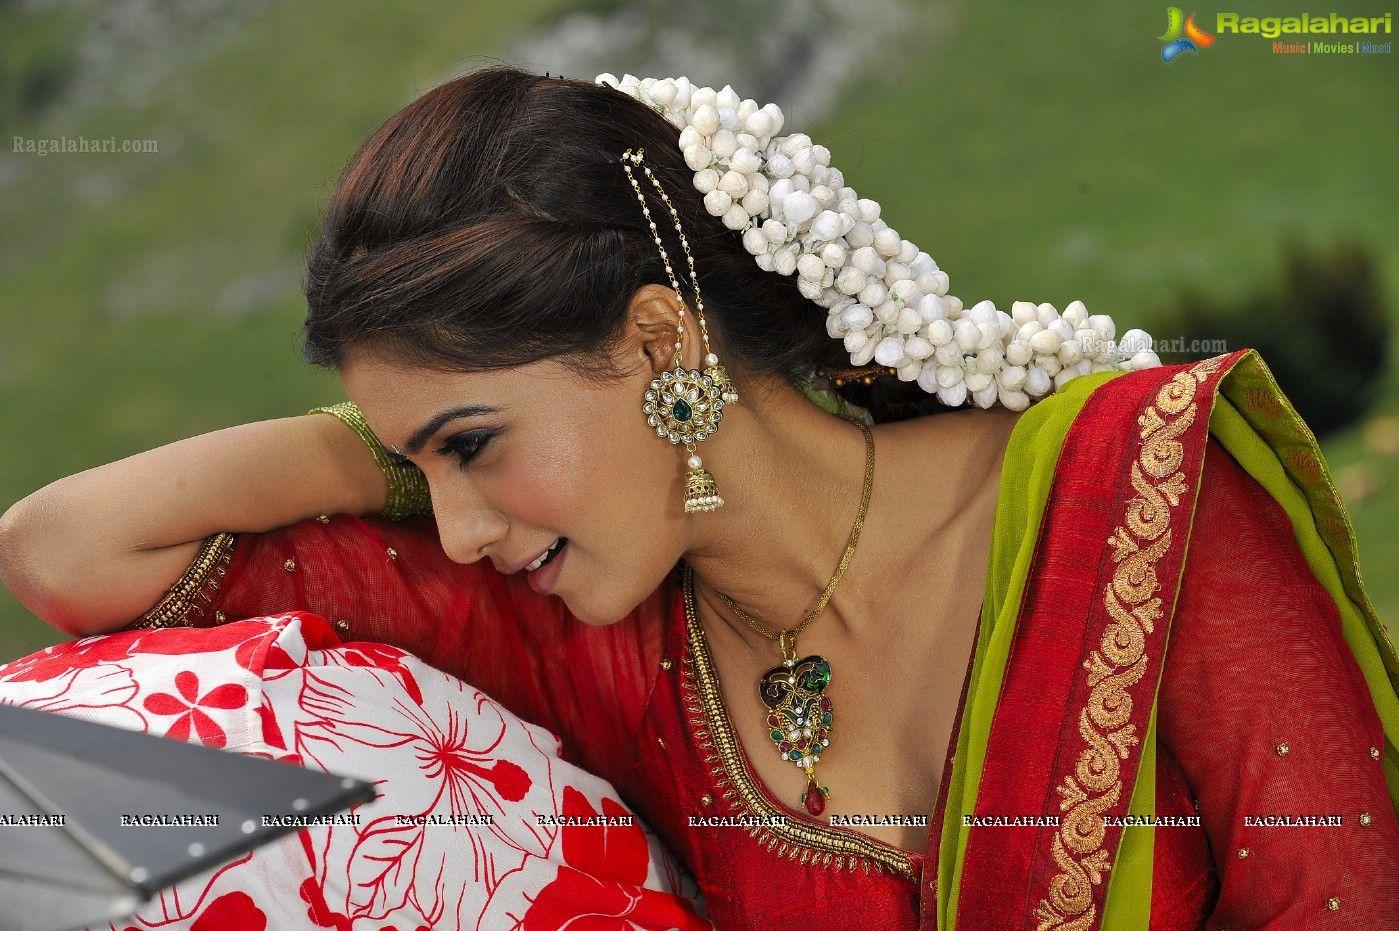 Hot Indian Actress Rare High Quality Photos South Tamil And Telugu